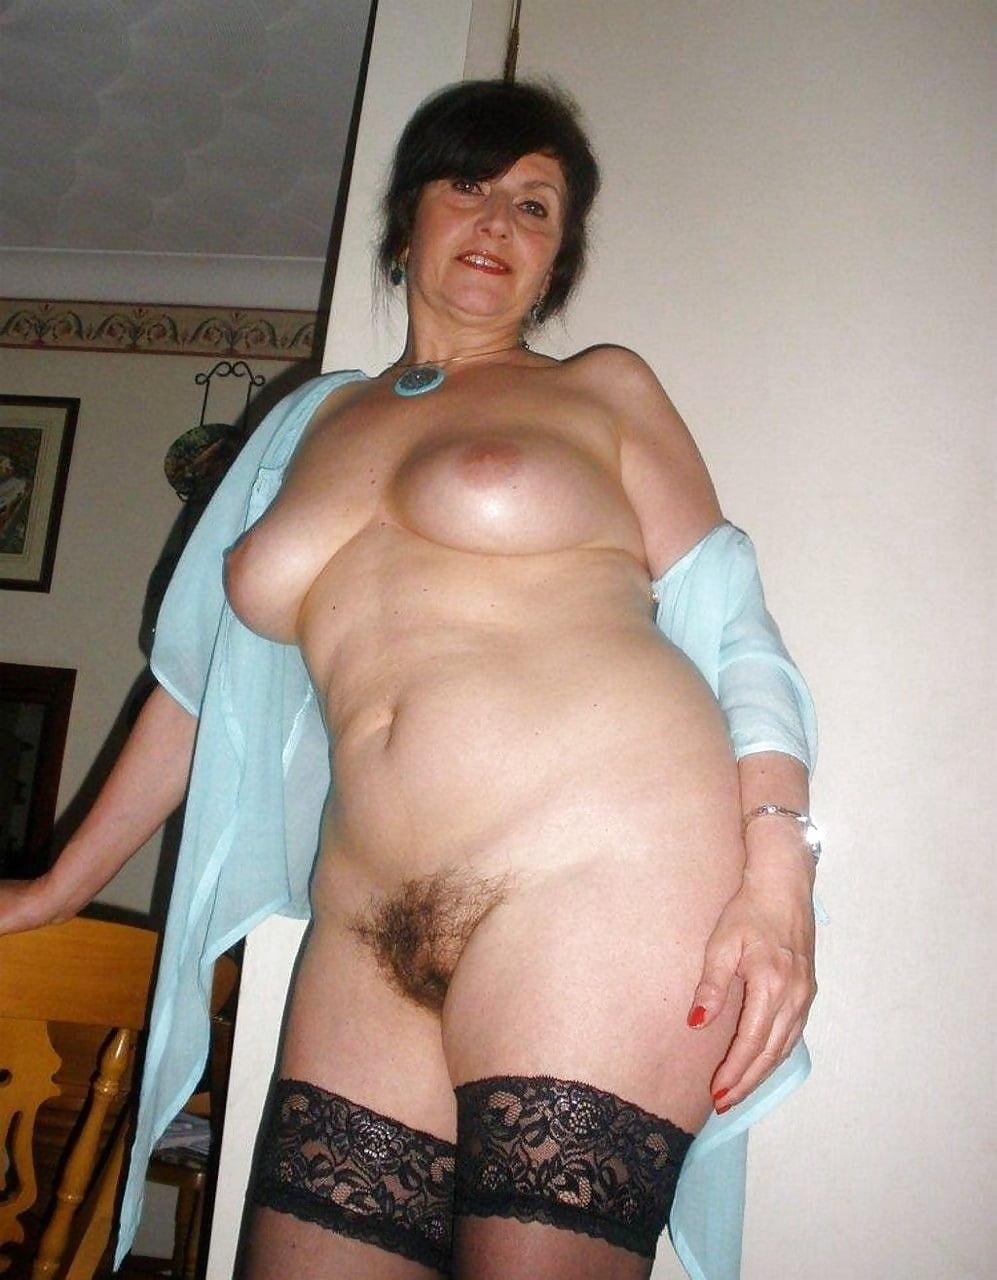 зрелые волосатые тетки фото шмара большой жопой